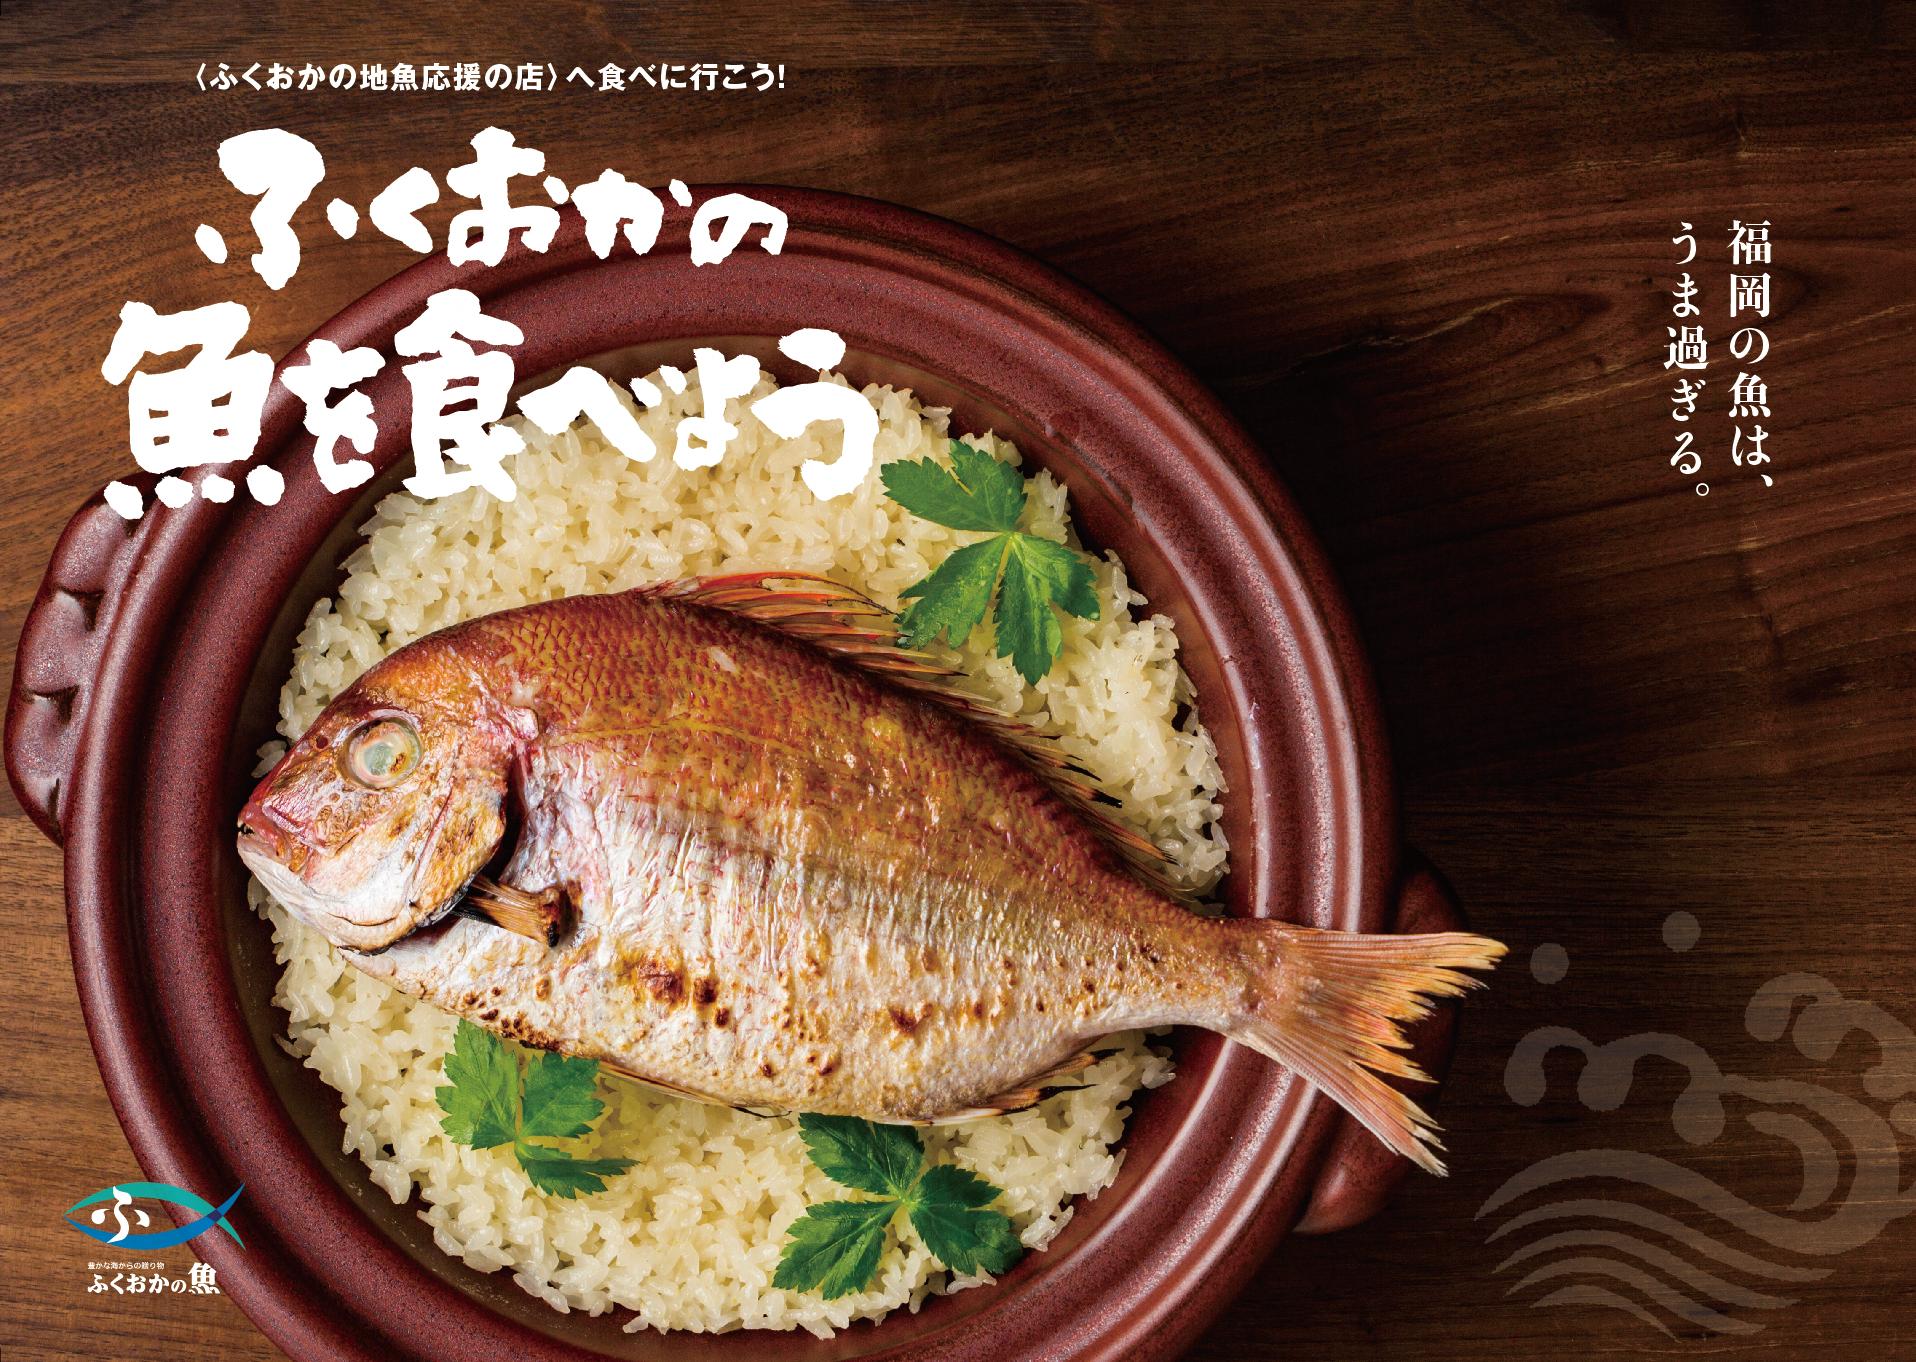 ふくおかの魚フェア 始まります!に関する画像